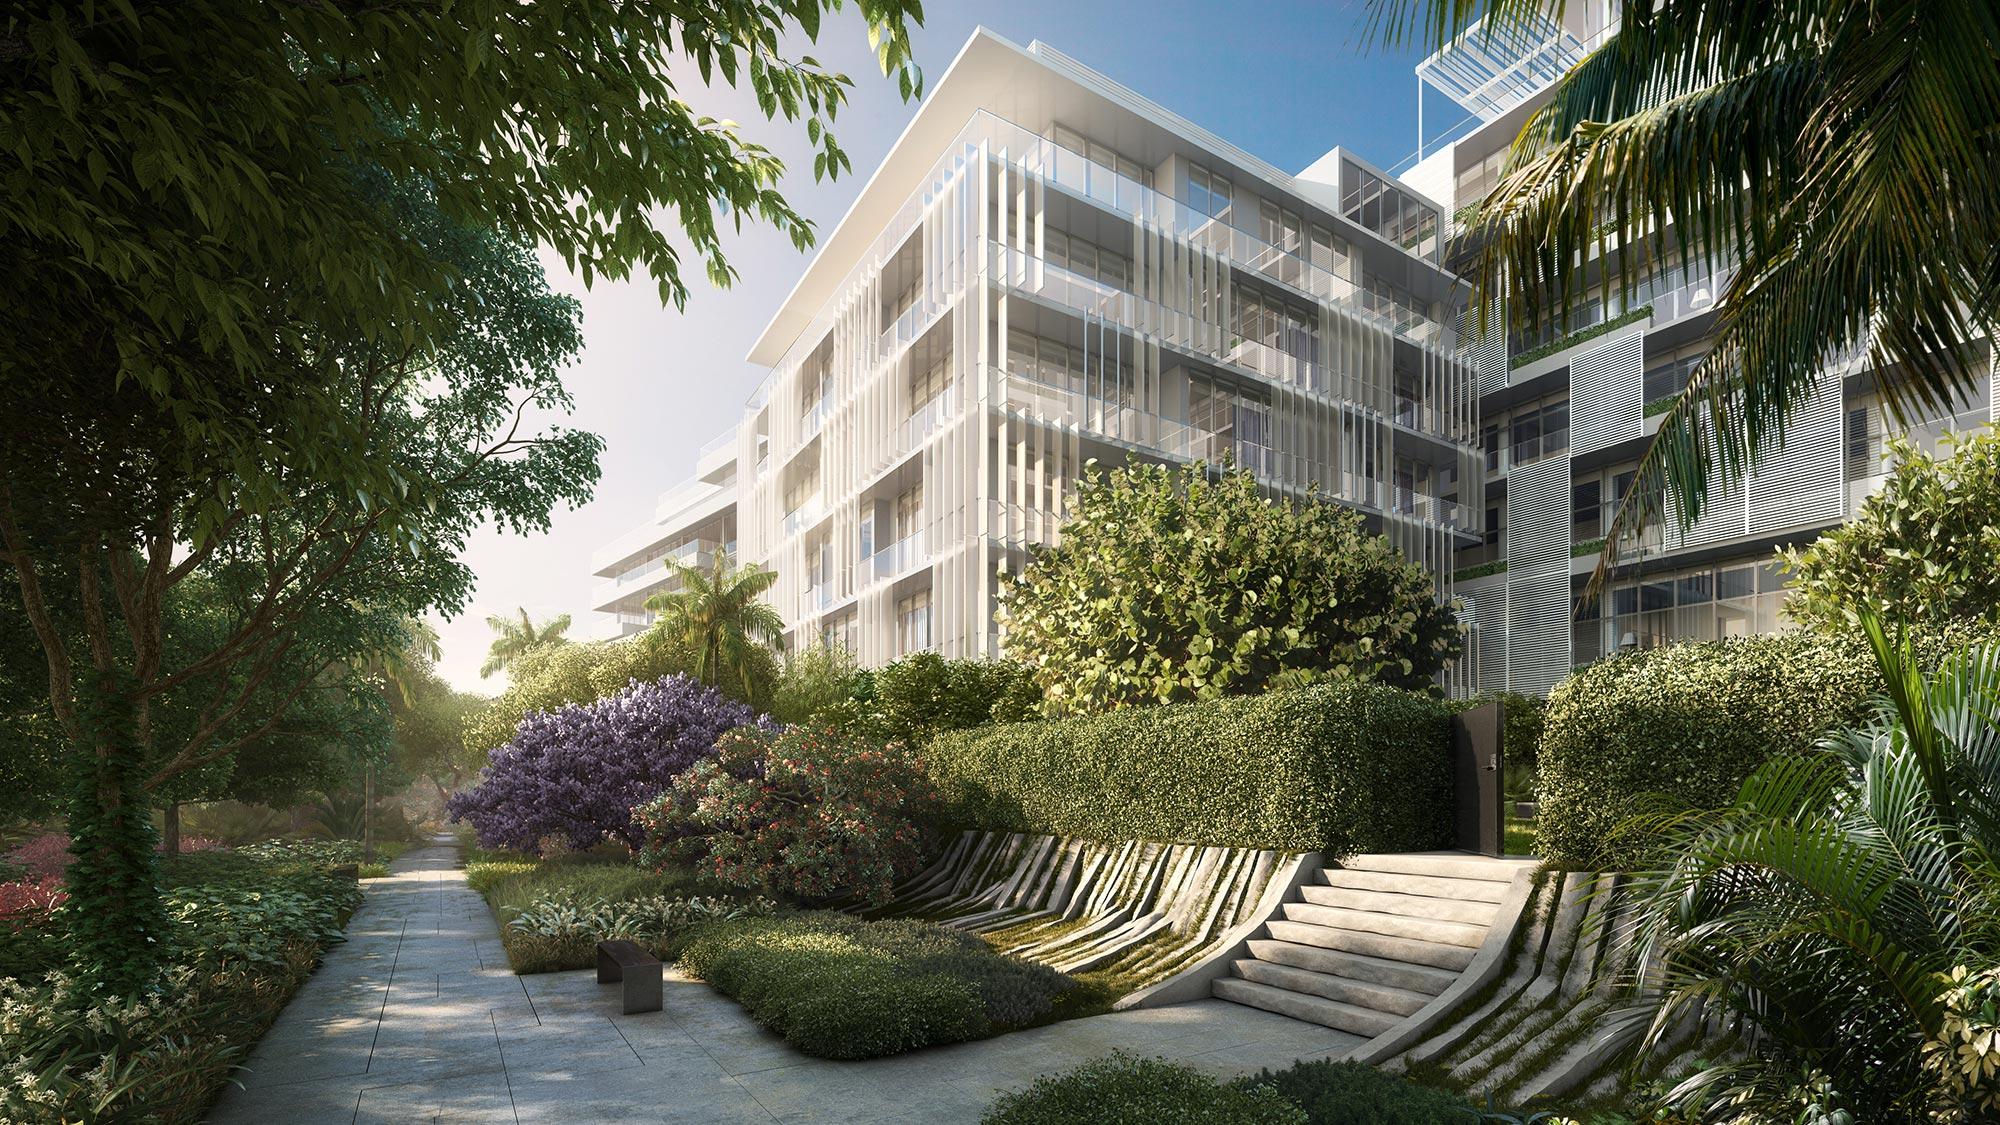 The Ritz-Carlton Residences Miami Beach Meditation Garden